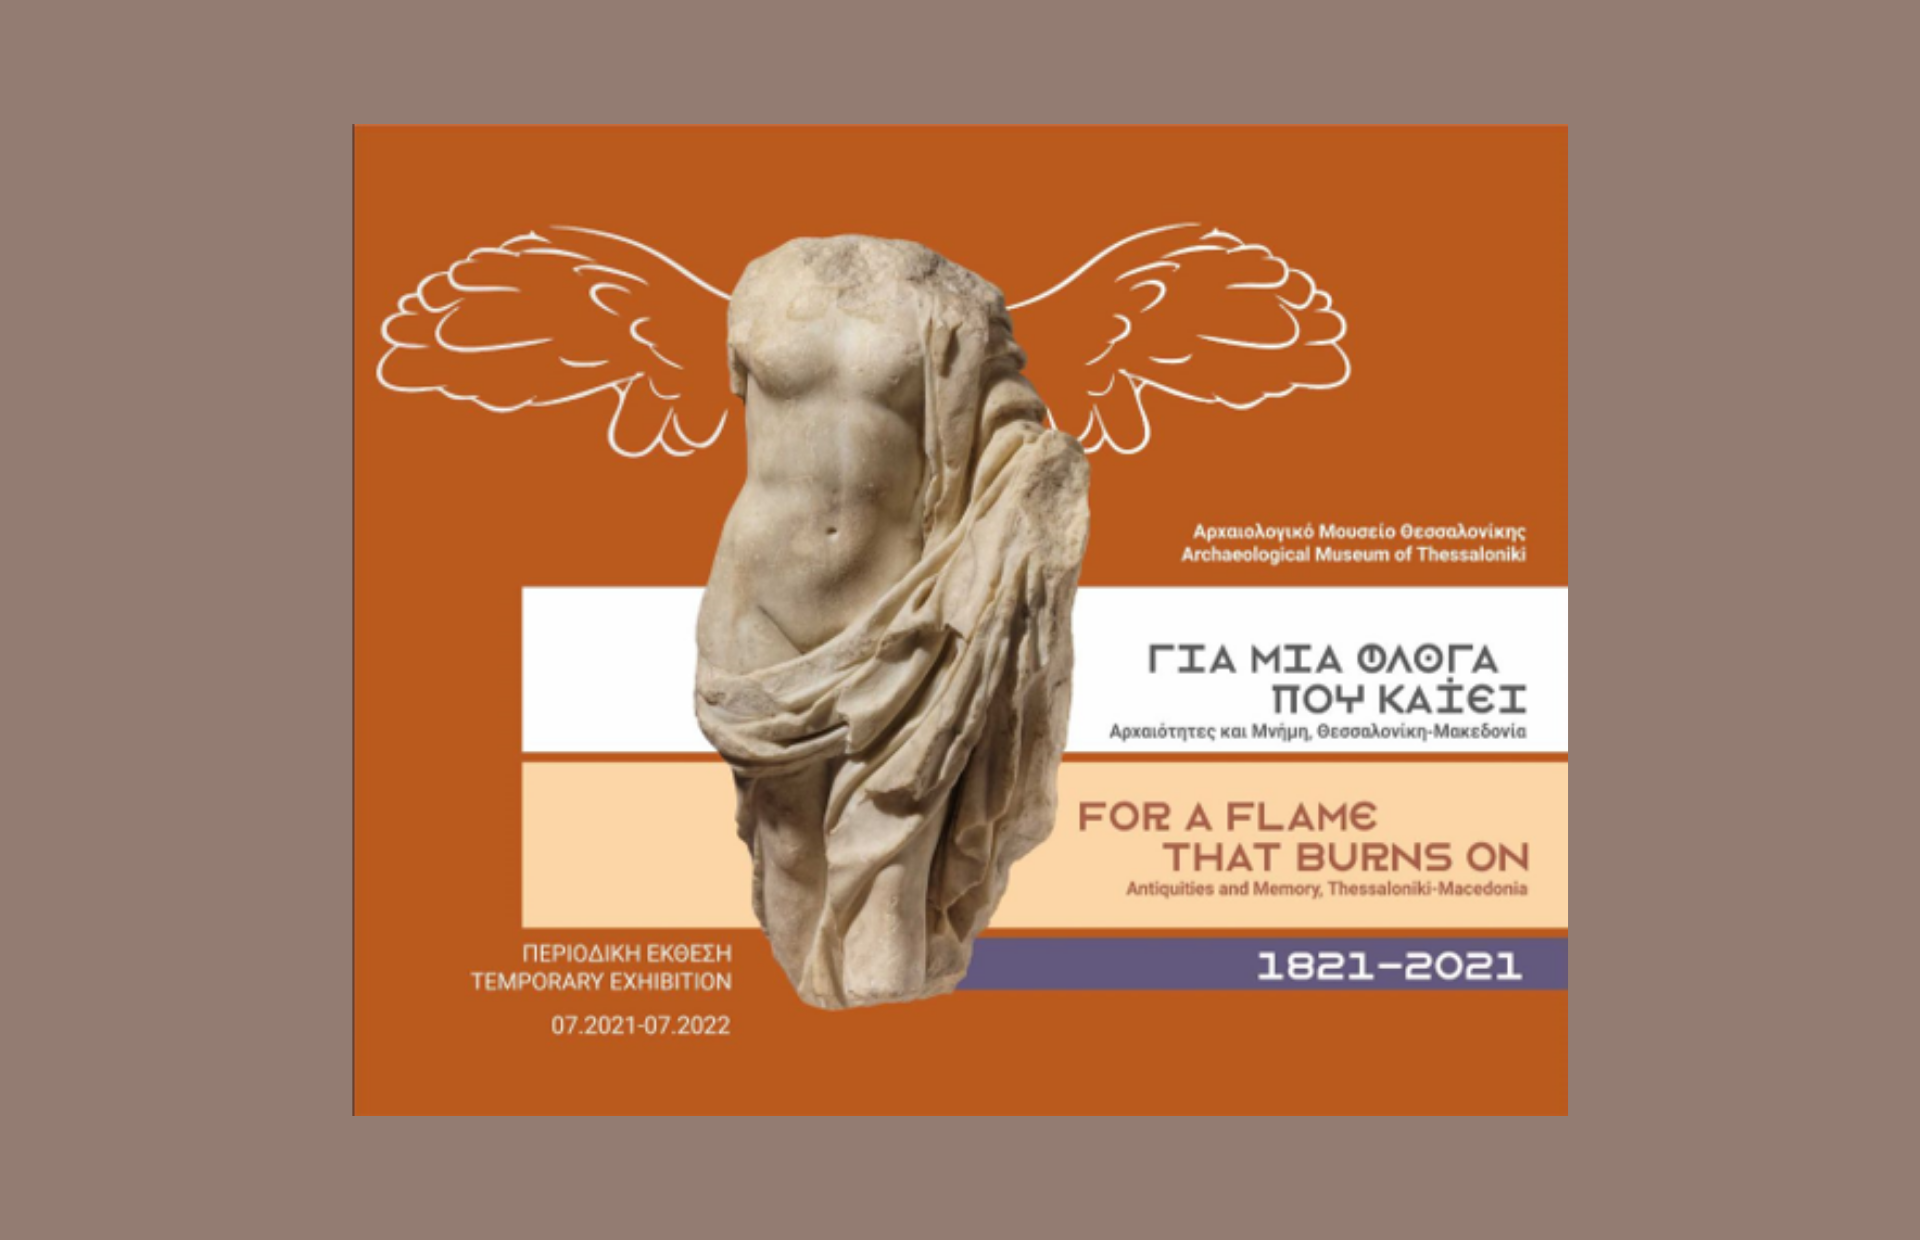 Για μια φλόγα που καίει | Περιοδική έκθεση στο Αρχαιολογικό Μουσείο Θεσσαλονίκης